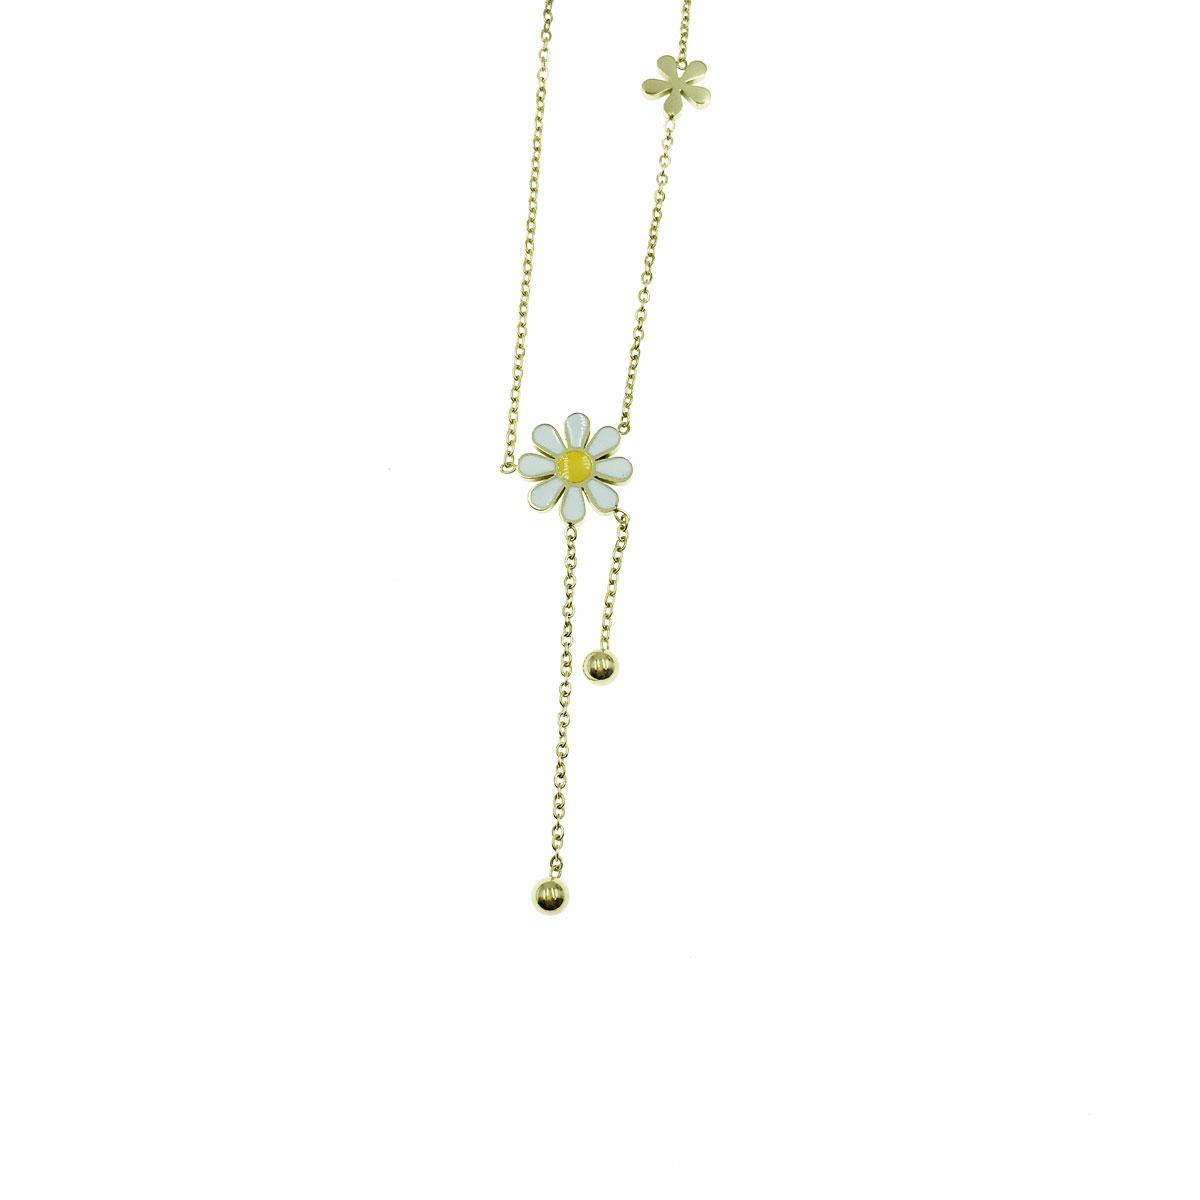 韓國 不銹鋼 花花 球 垂墜感 鎖骨鍊 短鍊 項鍊 飾品